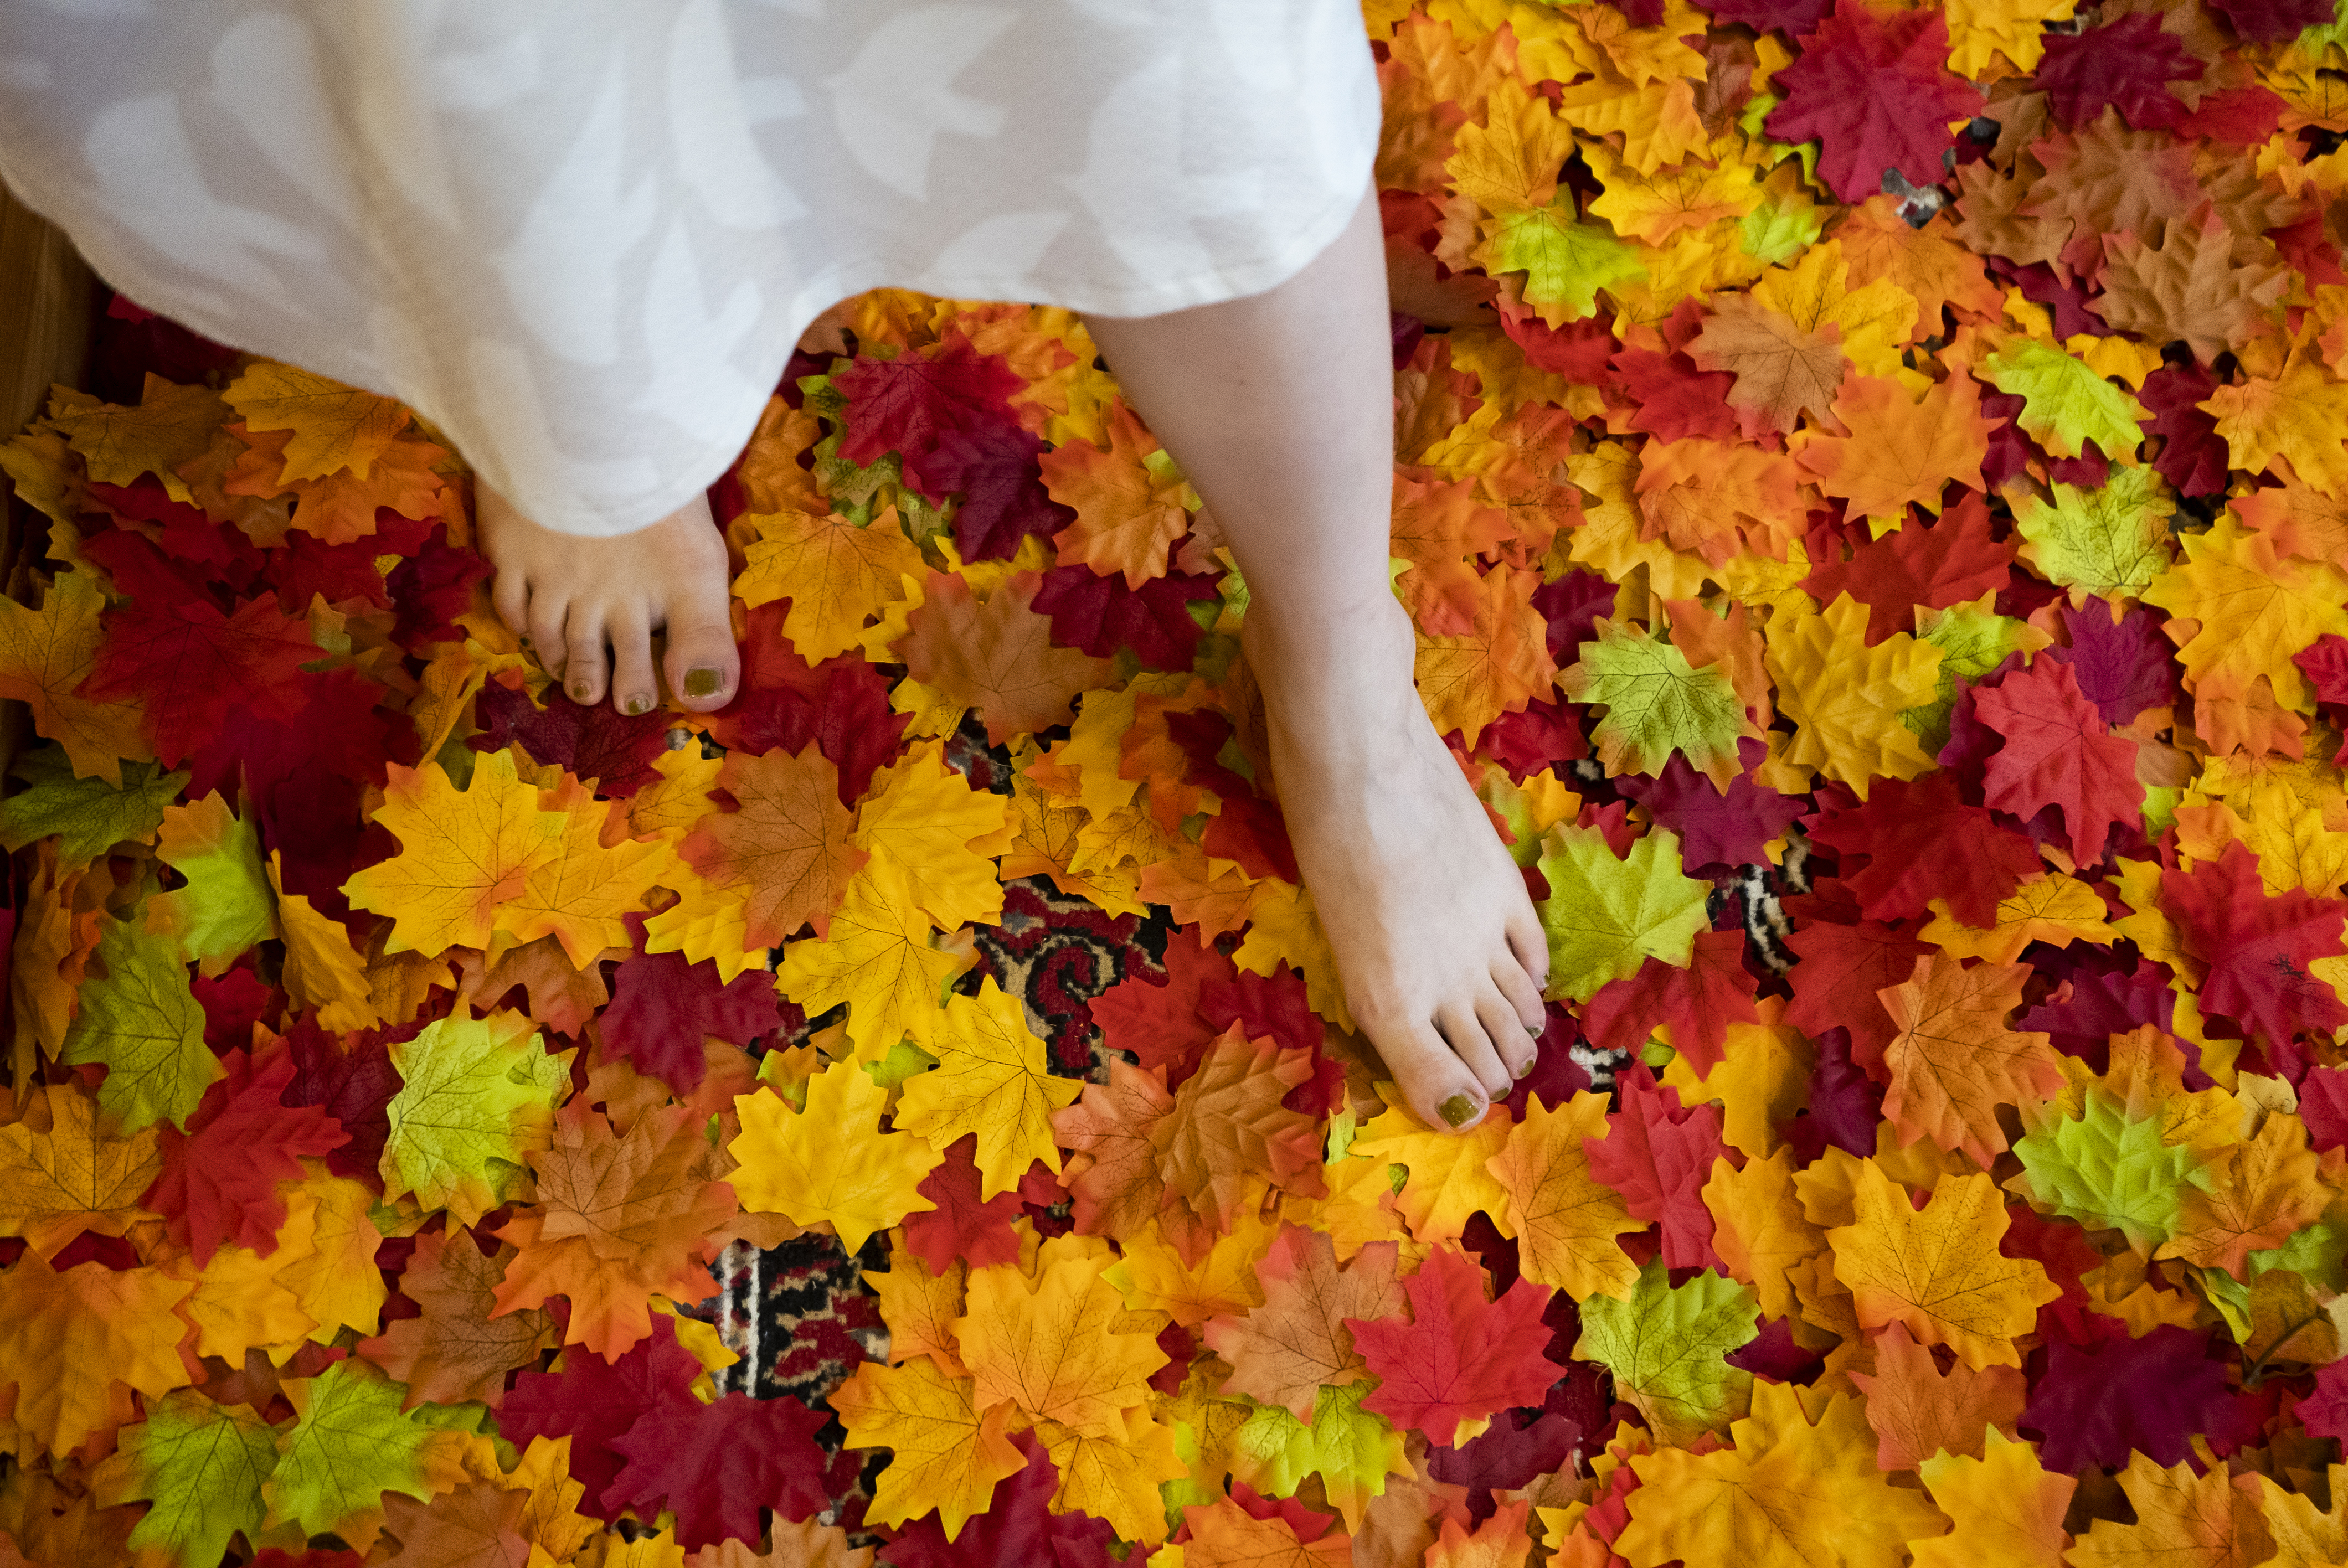 21_uta_Autumn_hammock_06